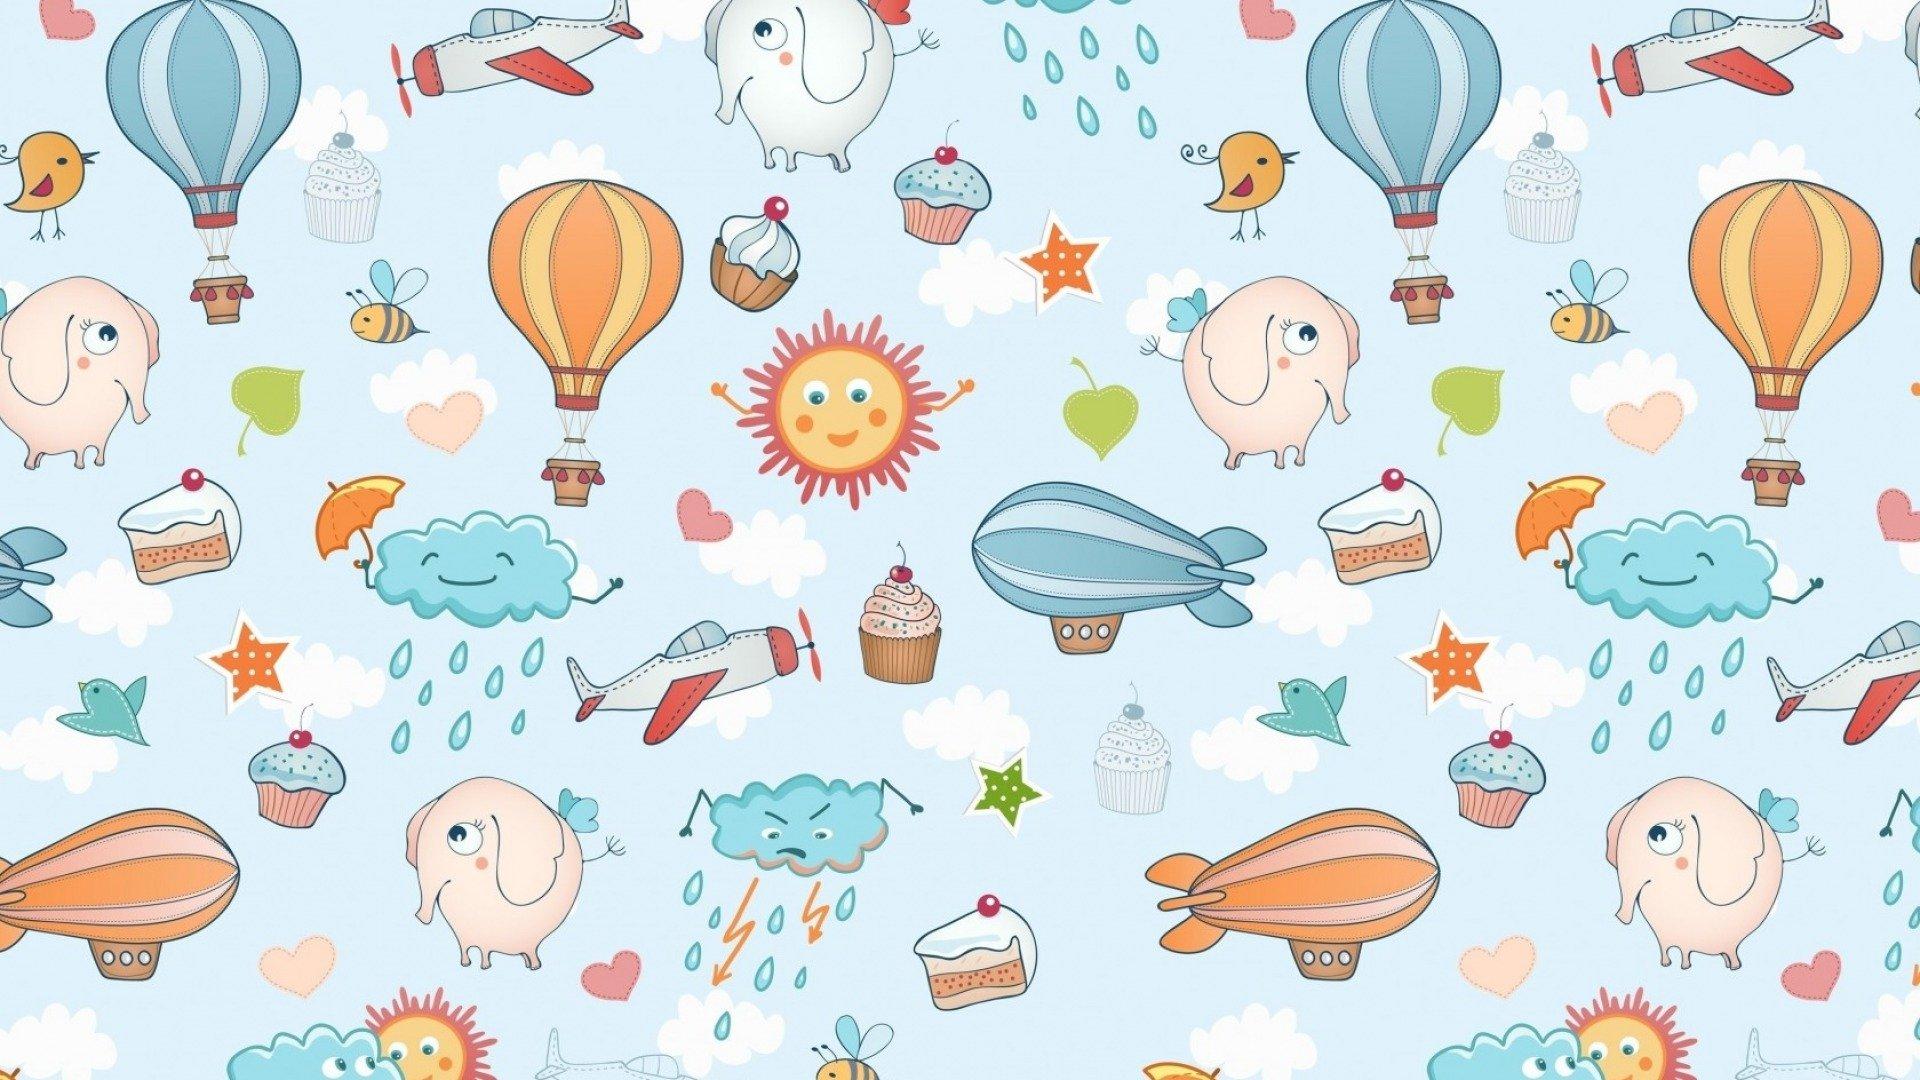 фоновые текстурные картинки для малышей